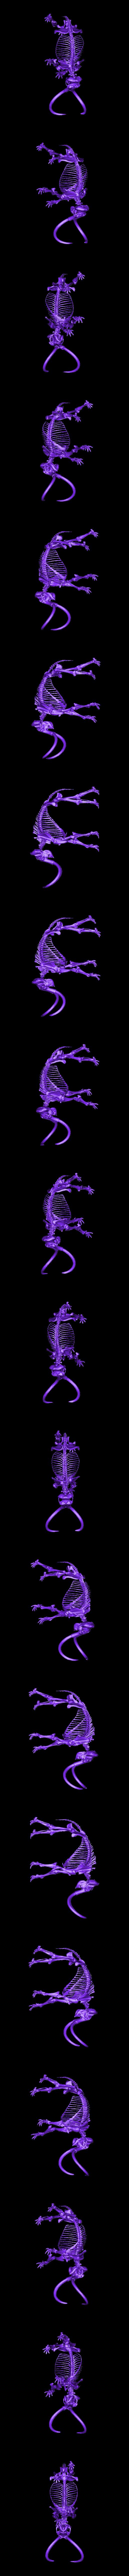 skeleton maumoth.stl Télécharger fichier STL gratuit Squelette d'un mammouth Wolley • Objet imprimable en 3D, 25caih